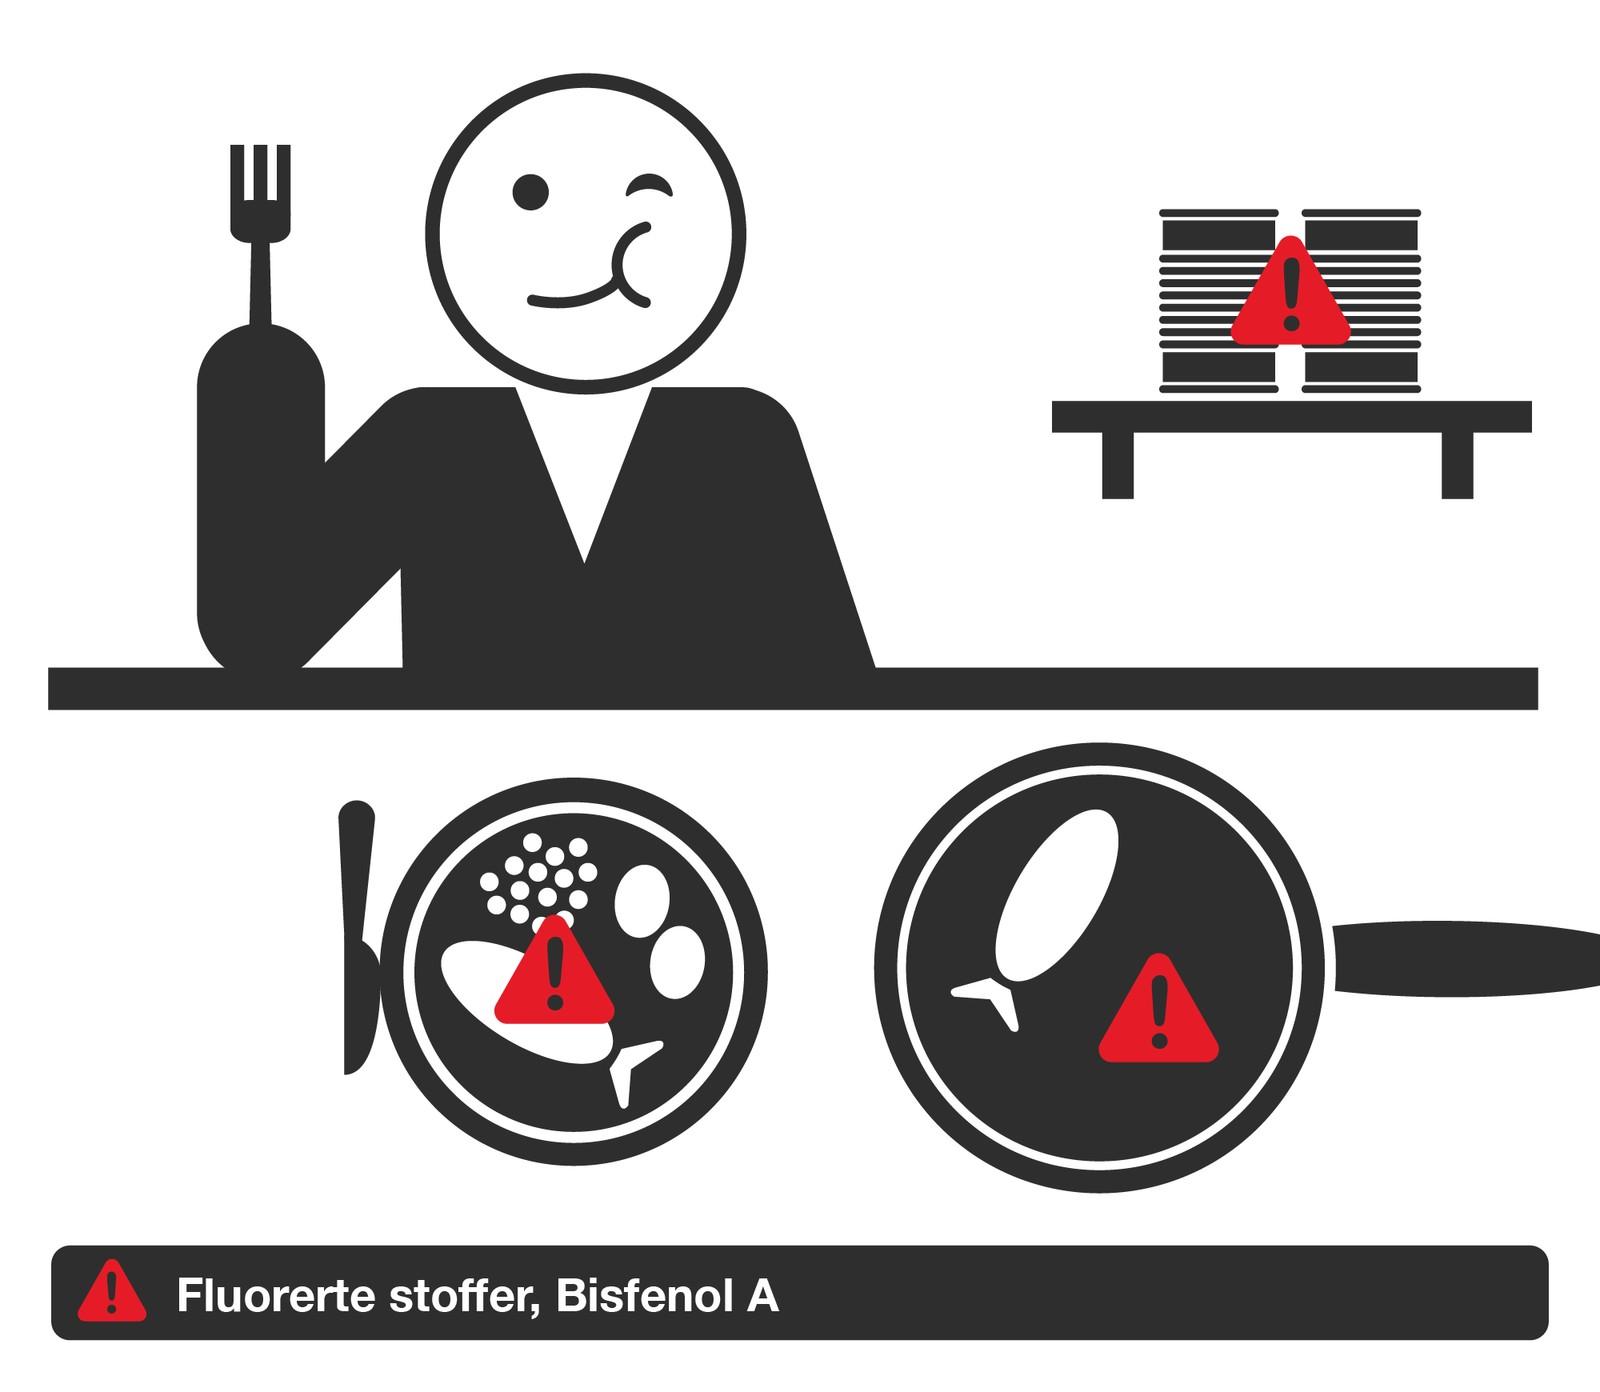 Kjøkkenredskaper og matemballasje kan inneholde fluorerte stoffer og bisfenol A. Råd: Spis lite ferdigmat og hurtigmat. Varier kosten.